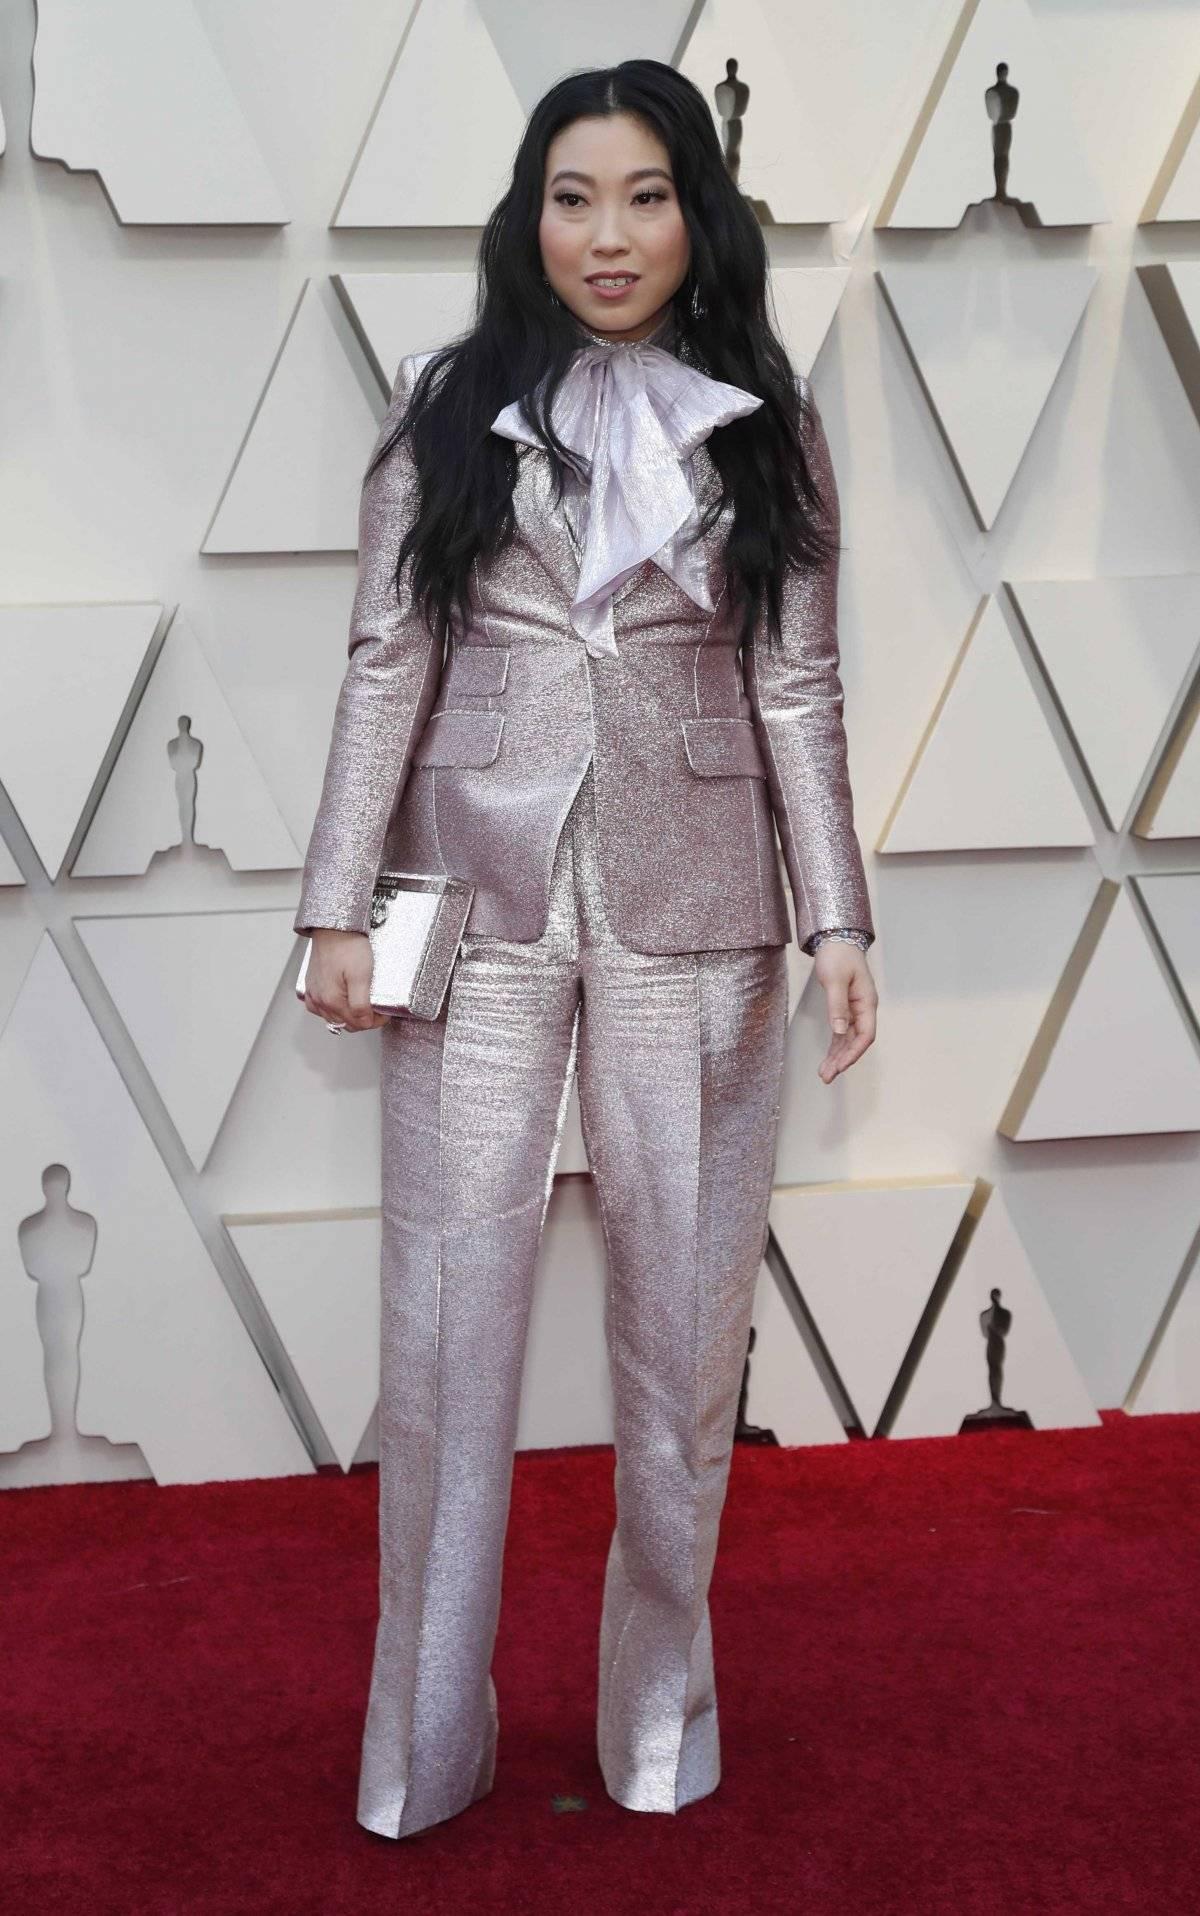 A atriz Awkwafina, de Podres de Rico, foi com um terno Dsquared2 e entrou na onda dos grandes laços que pode ser visto em muitos vestidos. A silhueta, porém, ficou prejudicada Reuters